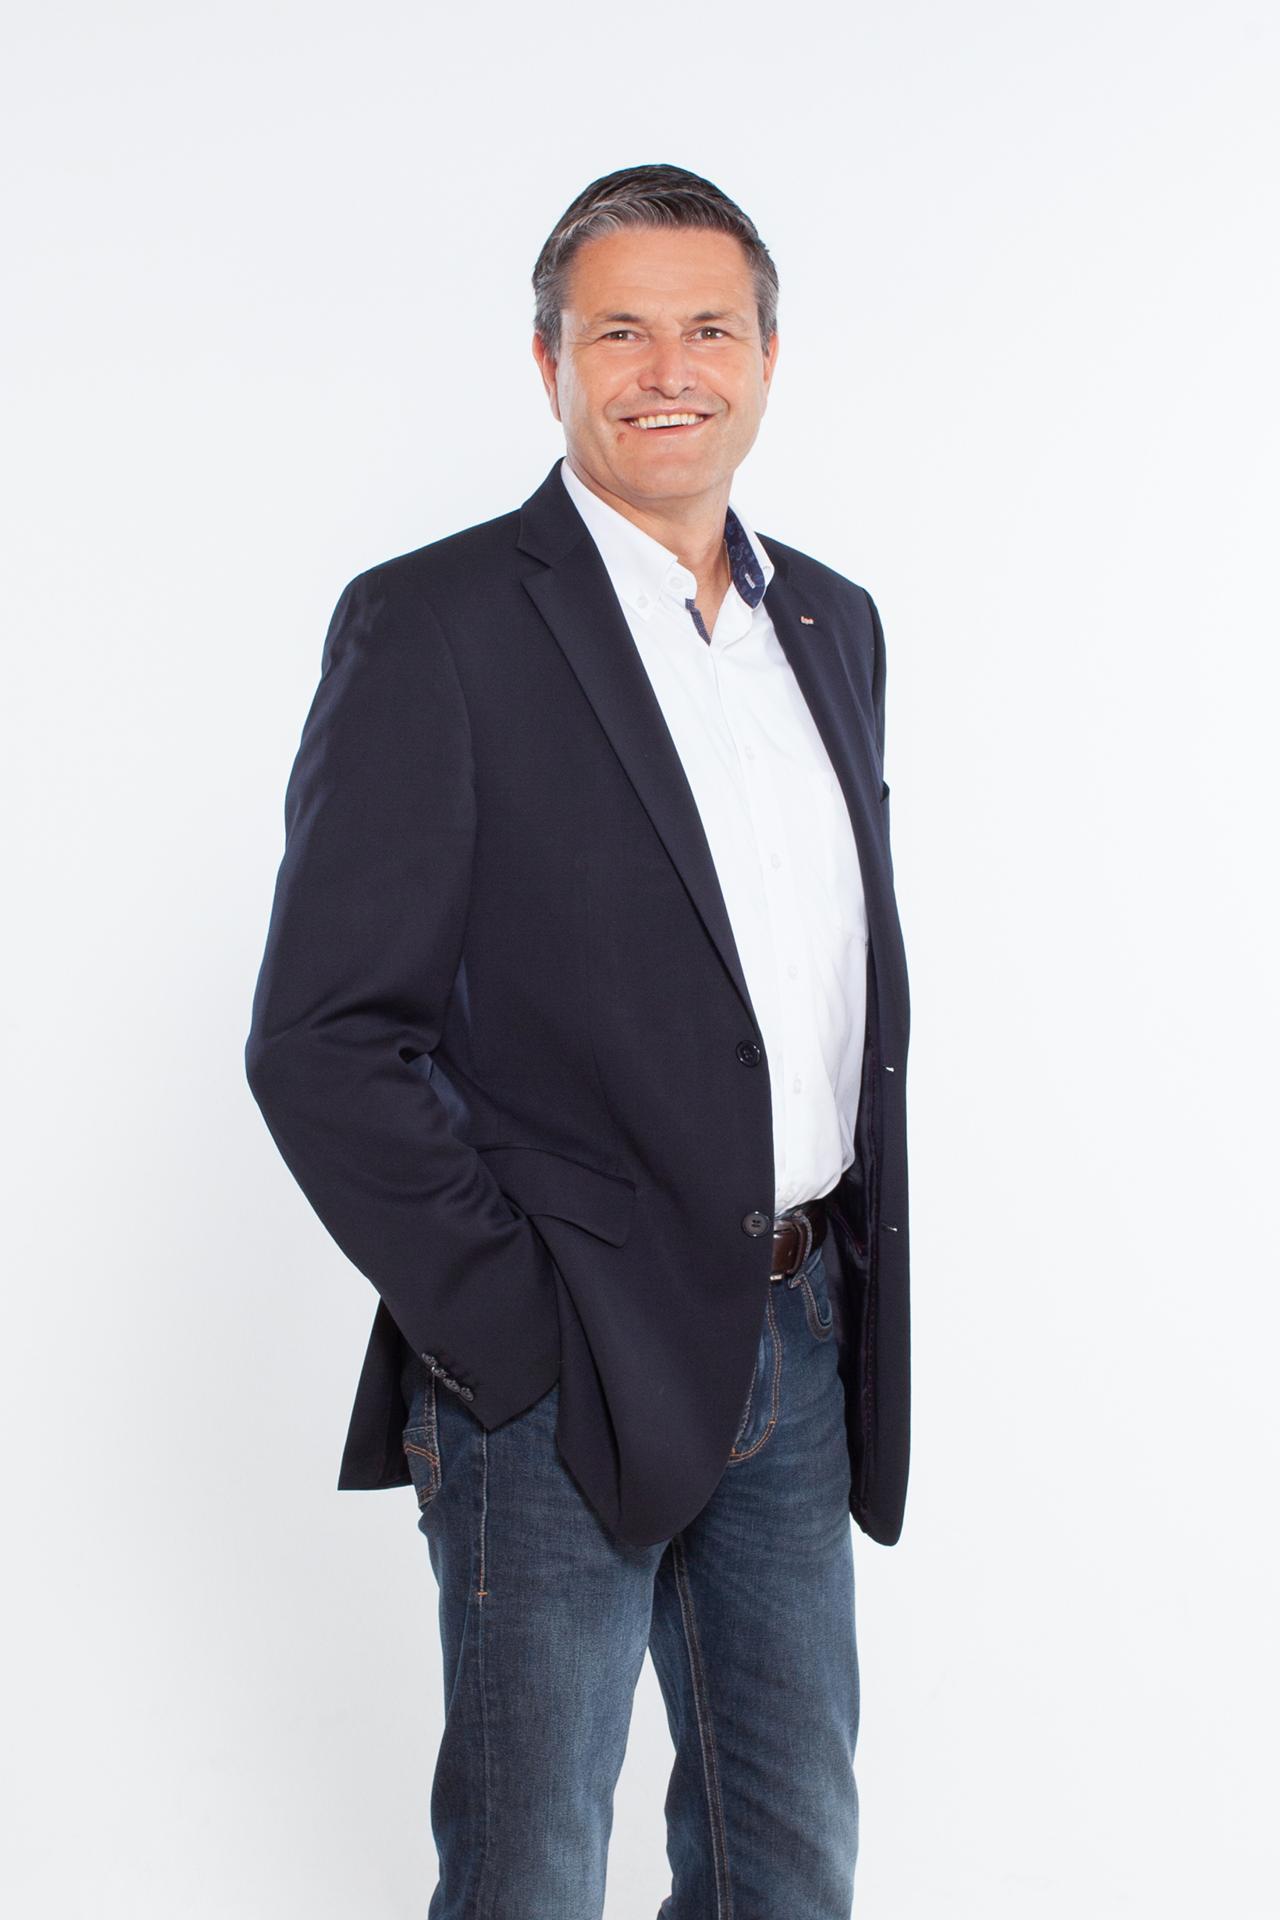 Ralf-Olaf Müller